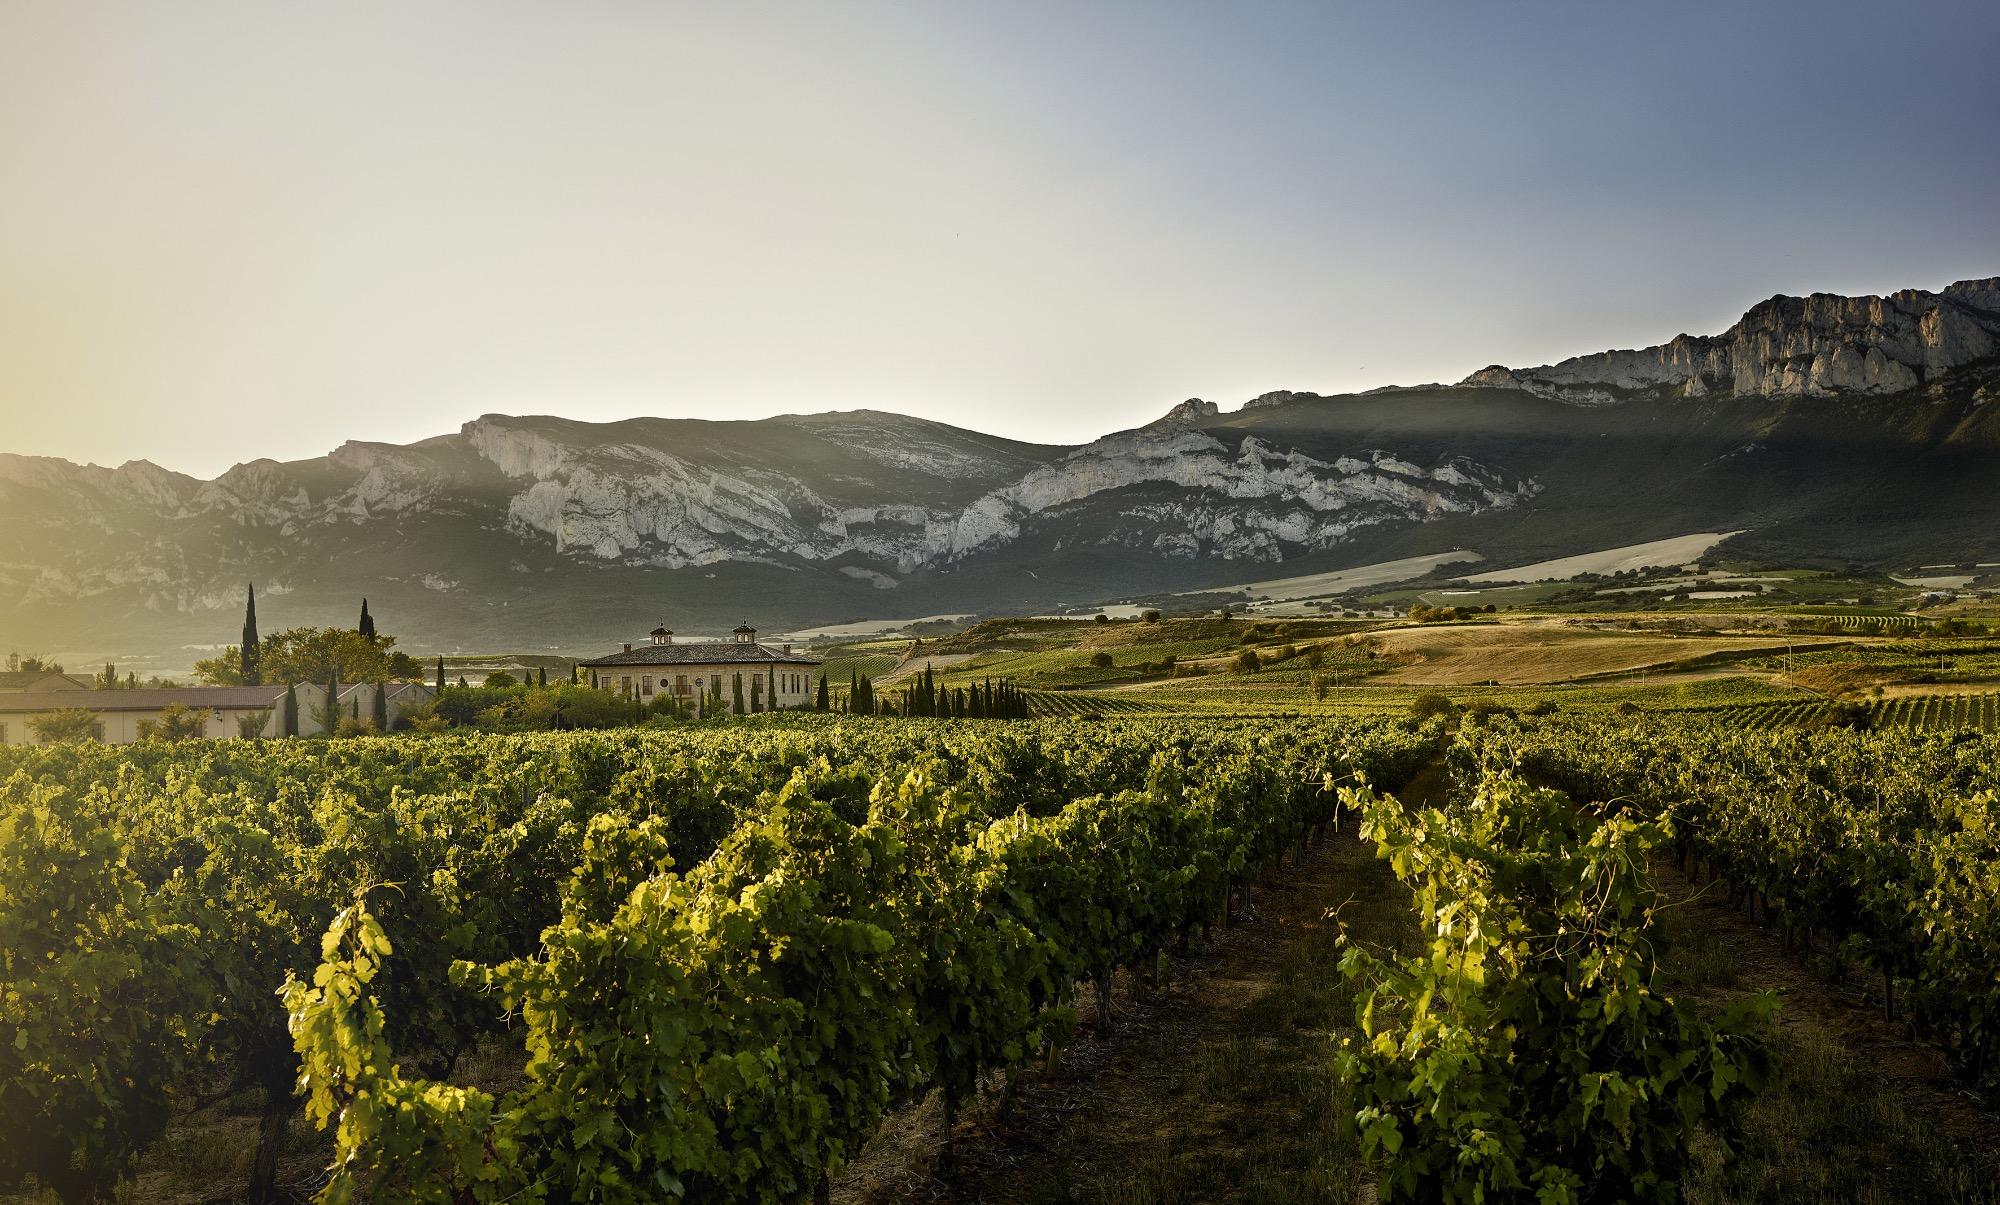 A weekend break in Spain's winegrowing heartland